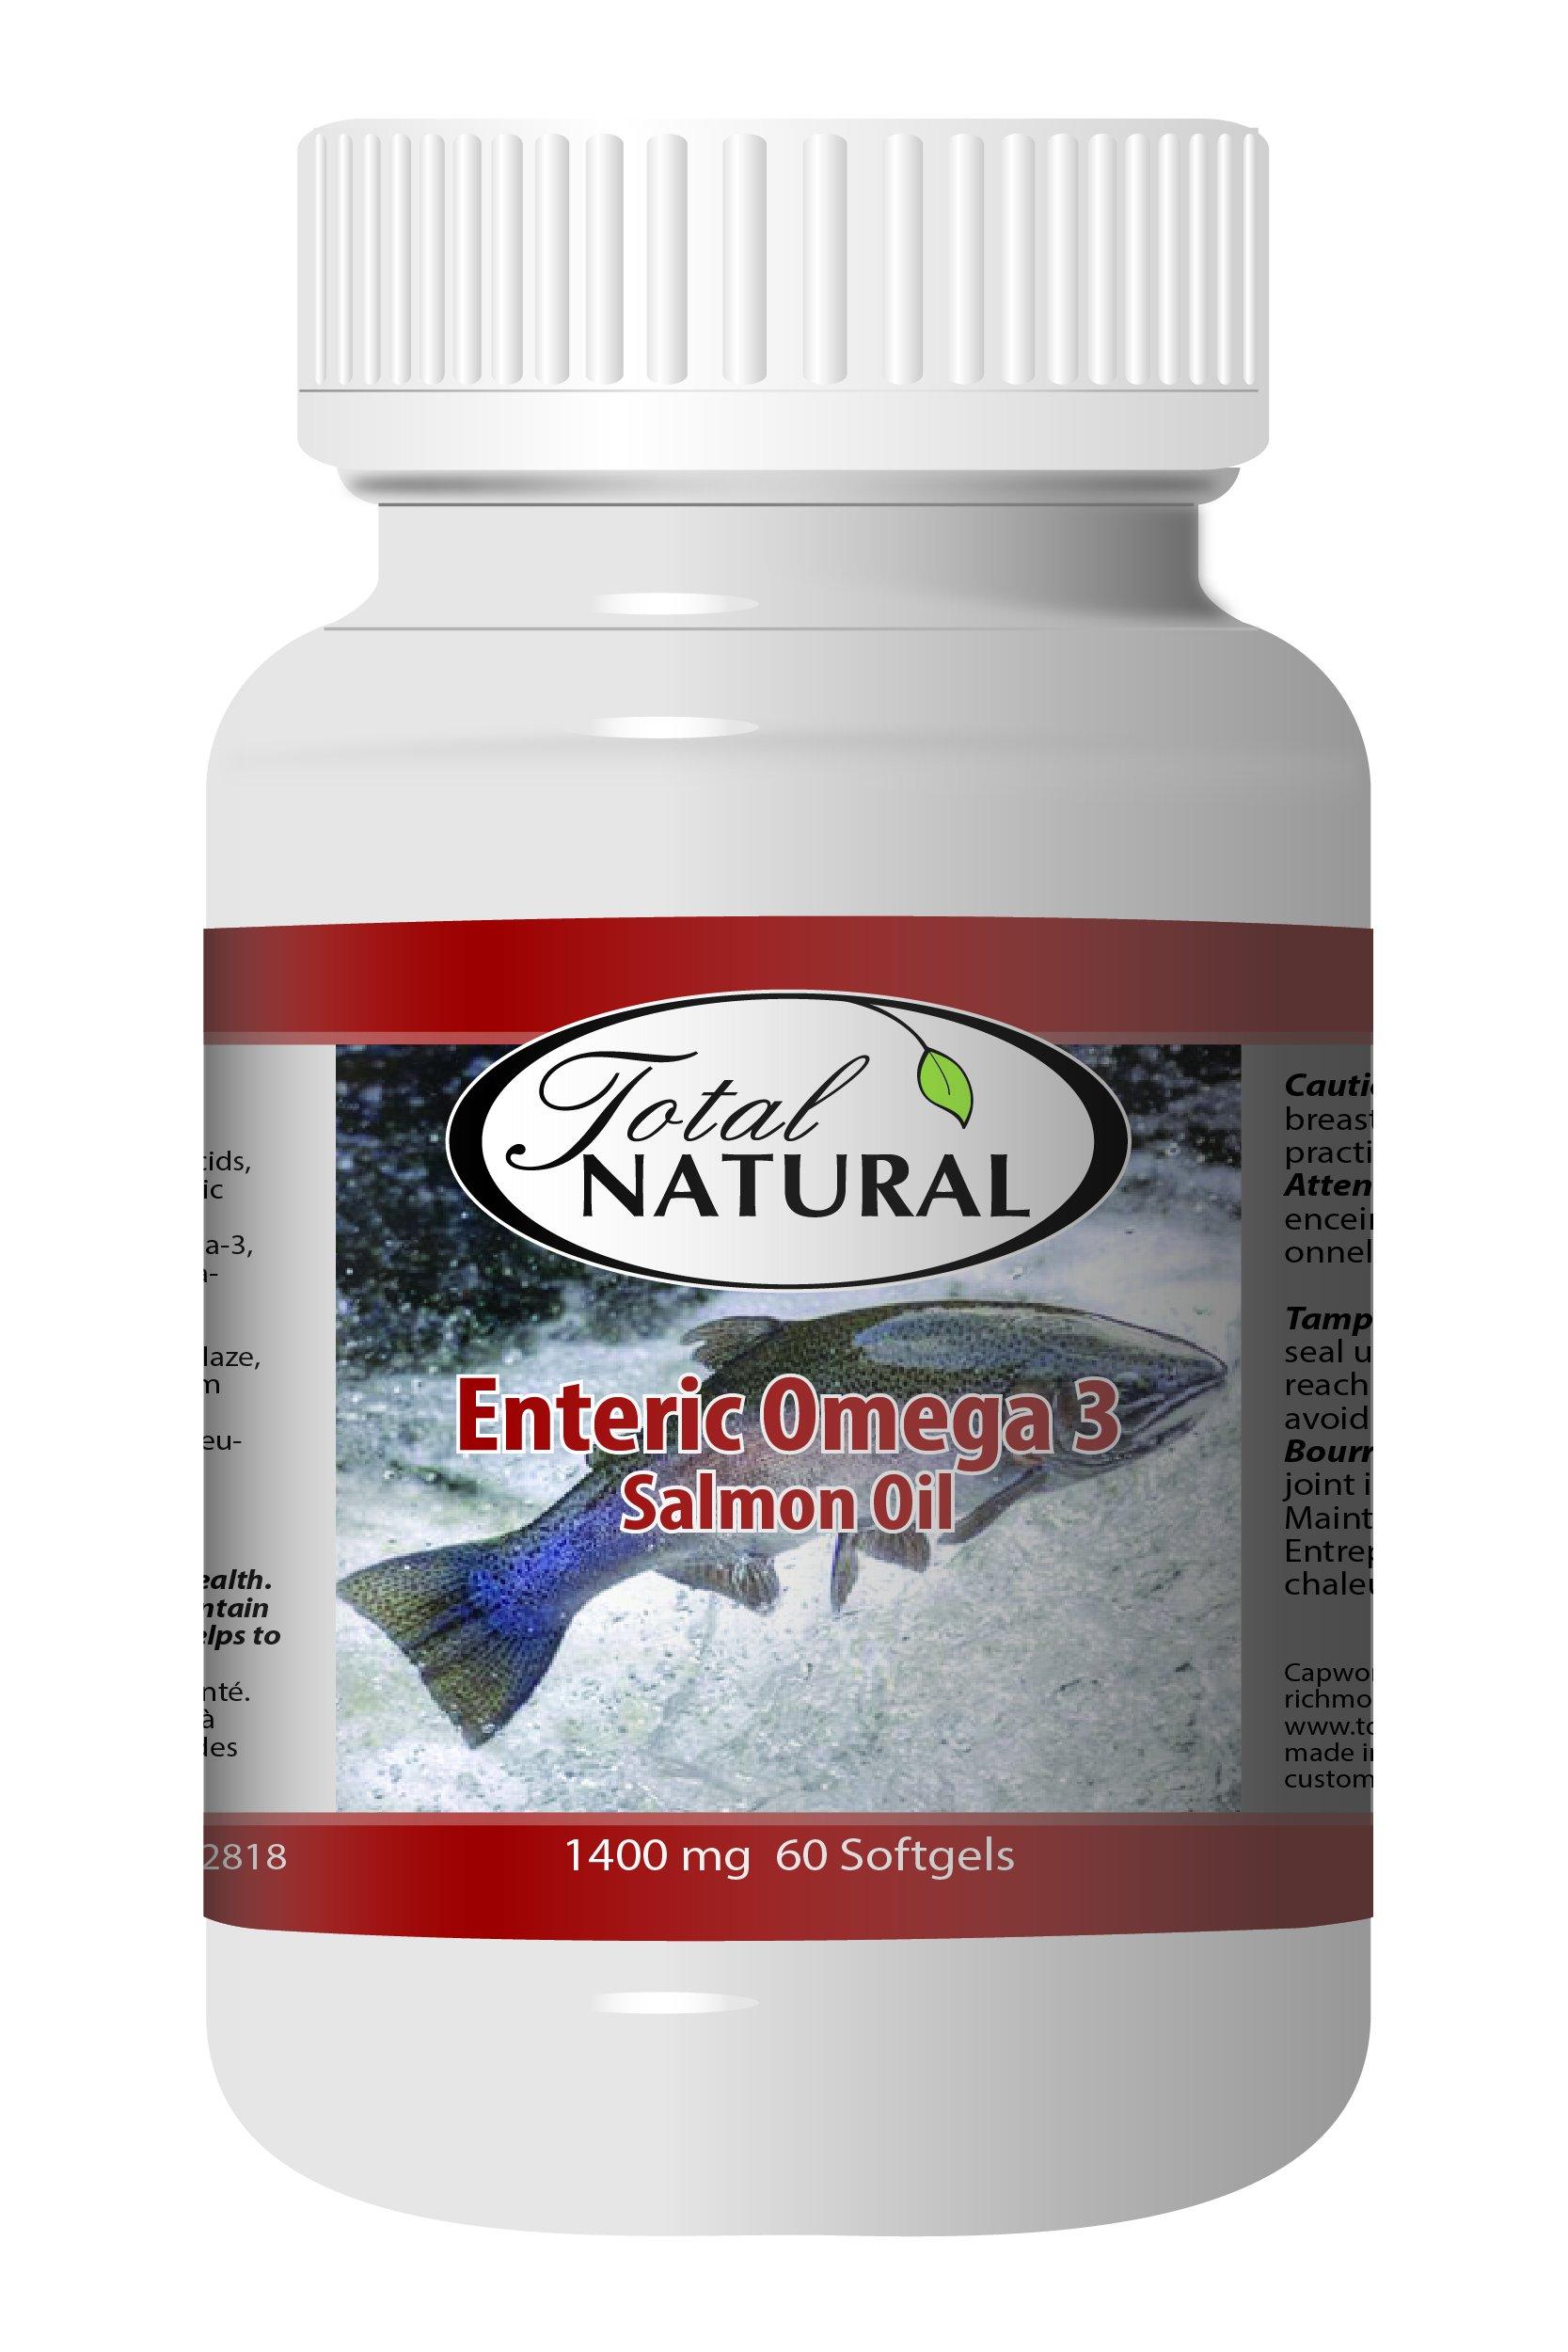 Enteric Omega 3 1400mg 60s - [12 bottles] Heart Health